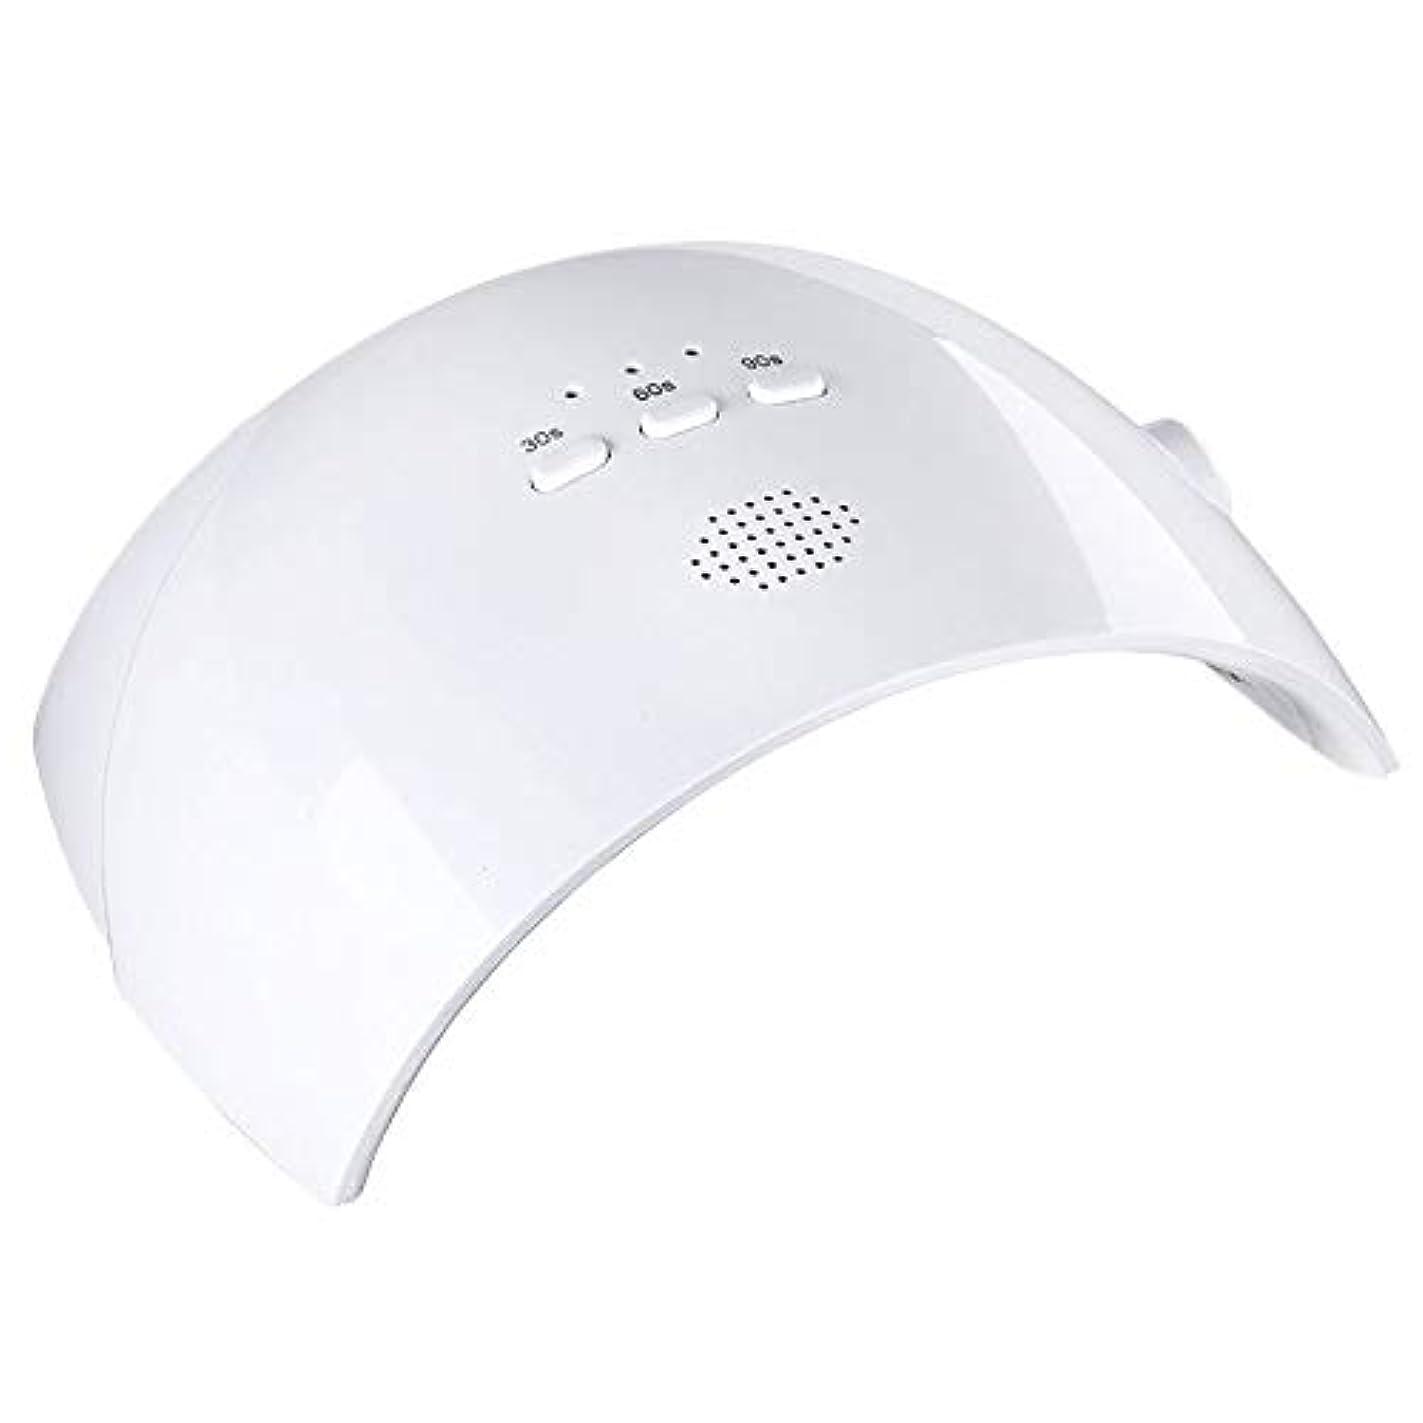 マインド共和党バルコニーネイルライト、3タイマー設定付き36W UV LEDジェルネイルドライヤー - プロフェッショナルジェルネイルポリッシュランプ